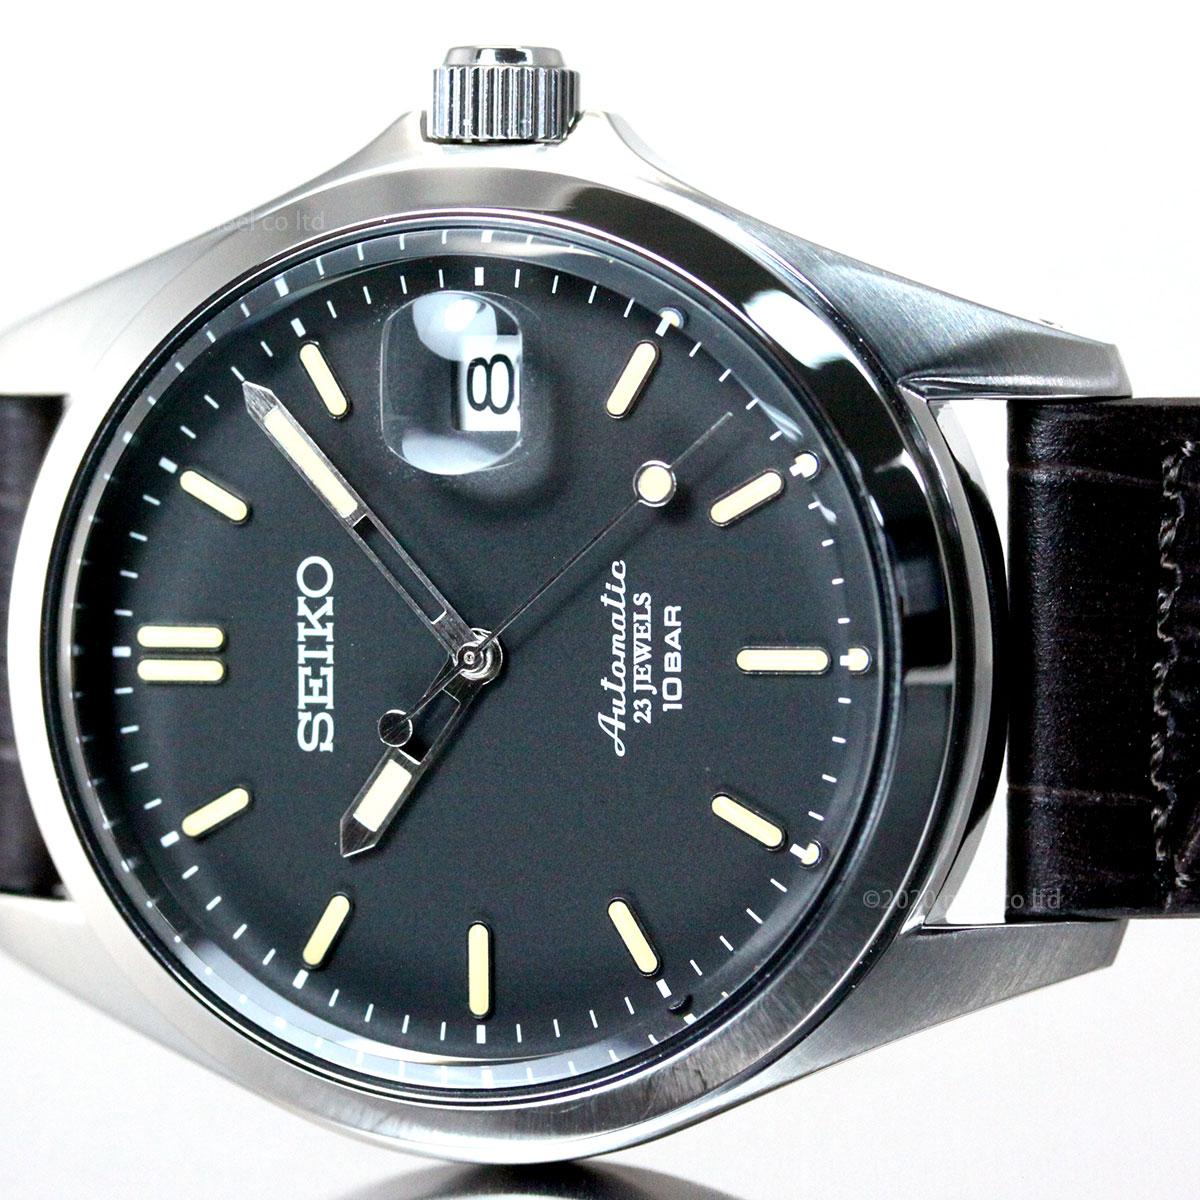 セイコー メカニカル 自動巻き 先行販売 ネット流通限定モデル 腕時計 メンズ クラシックライン SEIKO Mechanical SZSB017